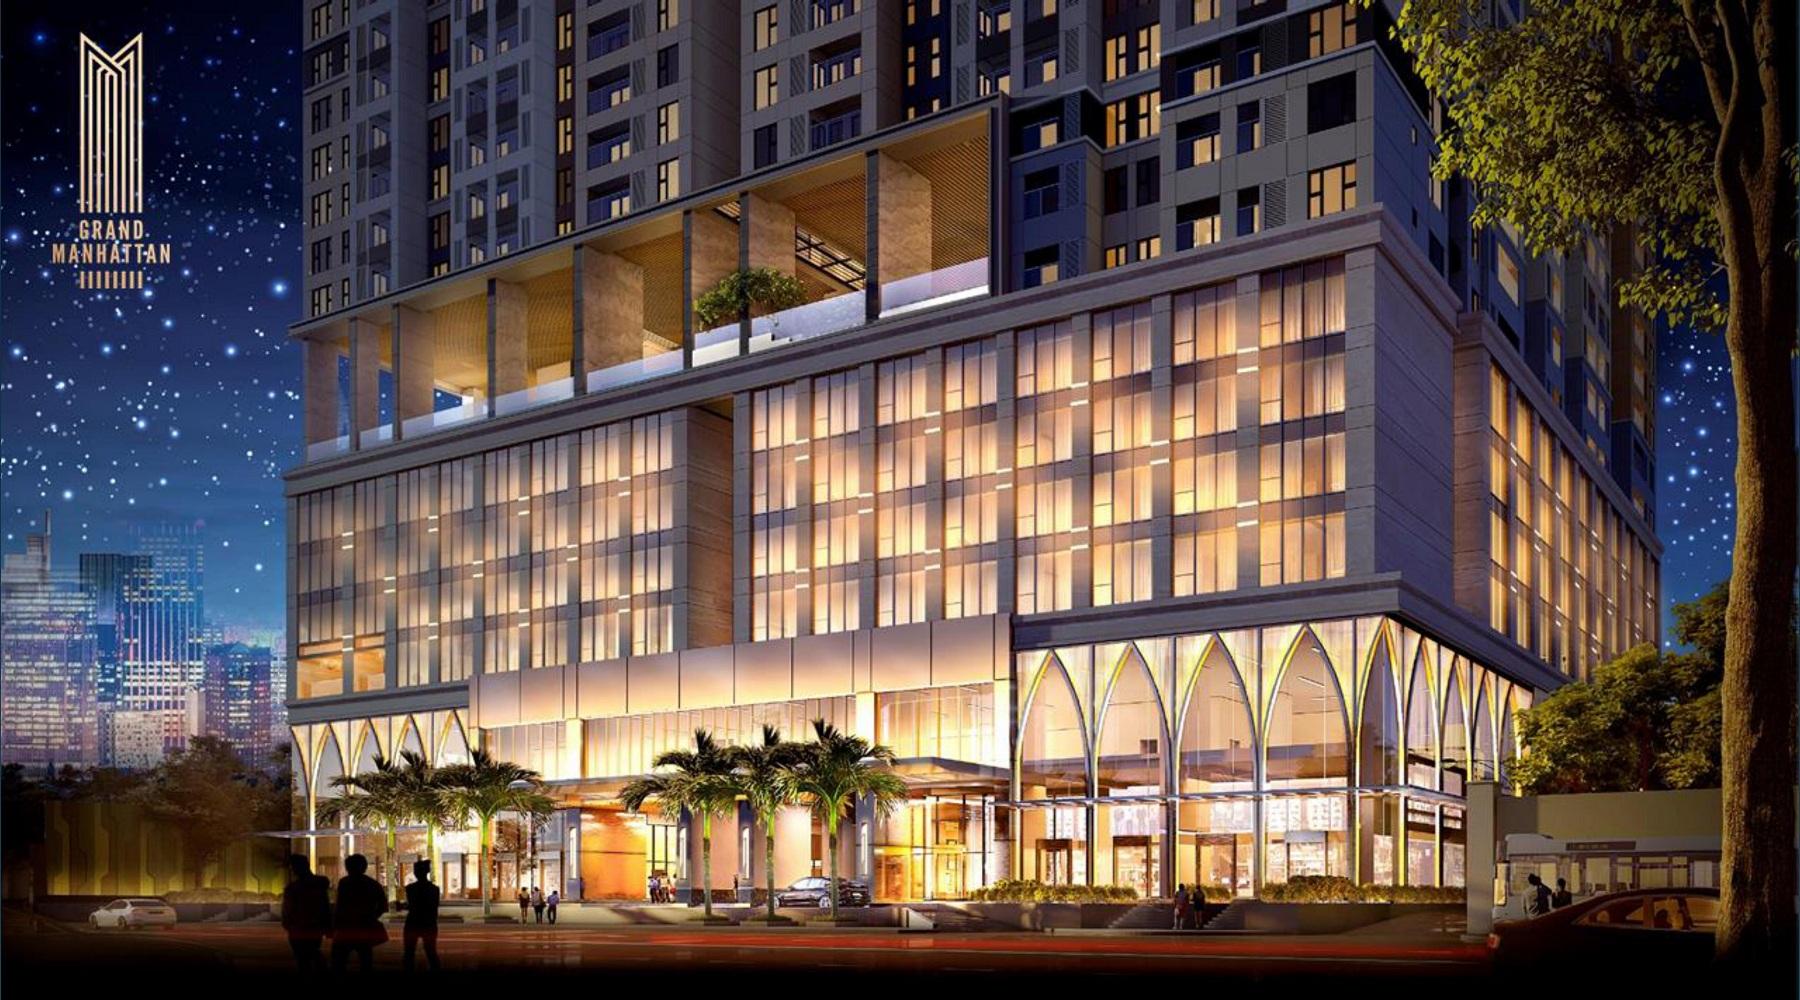 Avani vận hành Hotel 5 sao tại dự án căn hộ hạng sang The Grand Manhattan